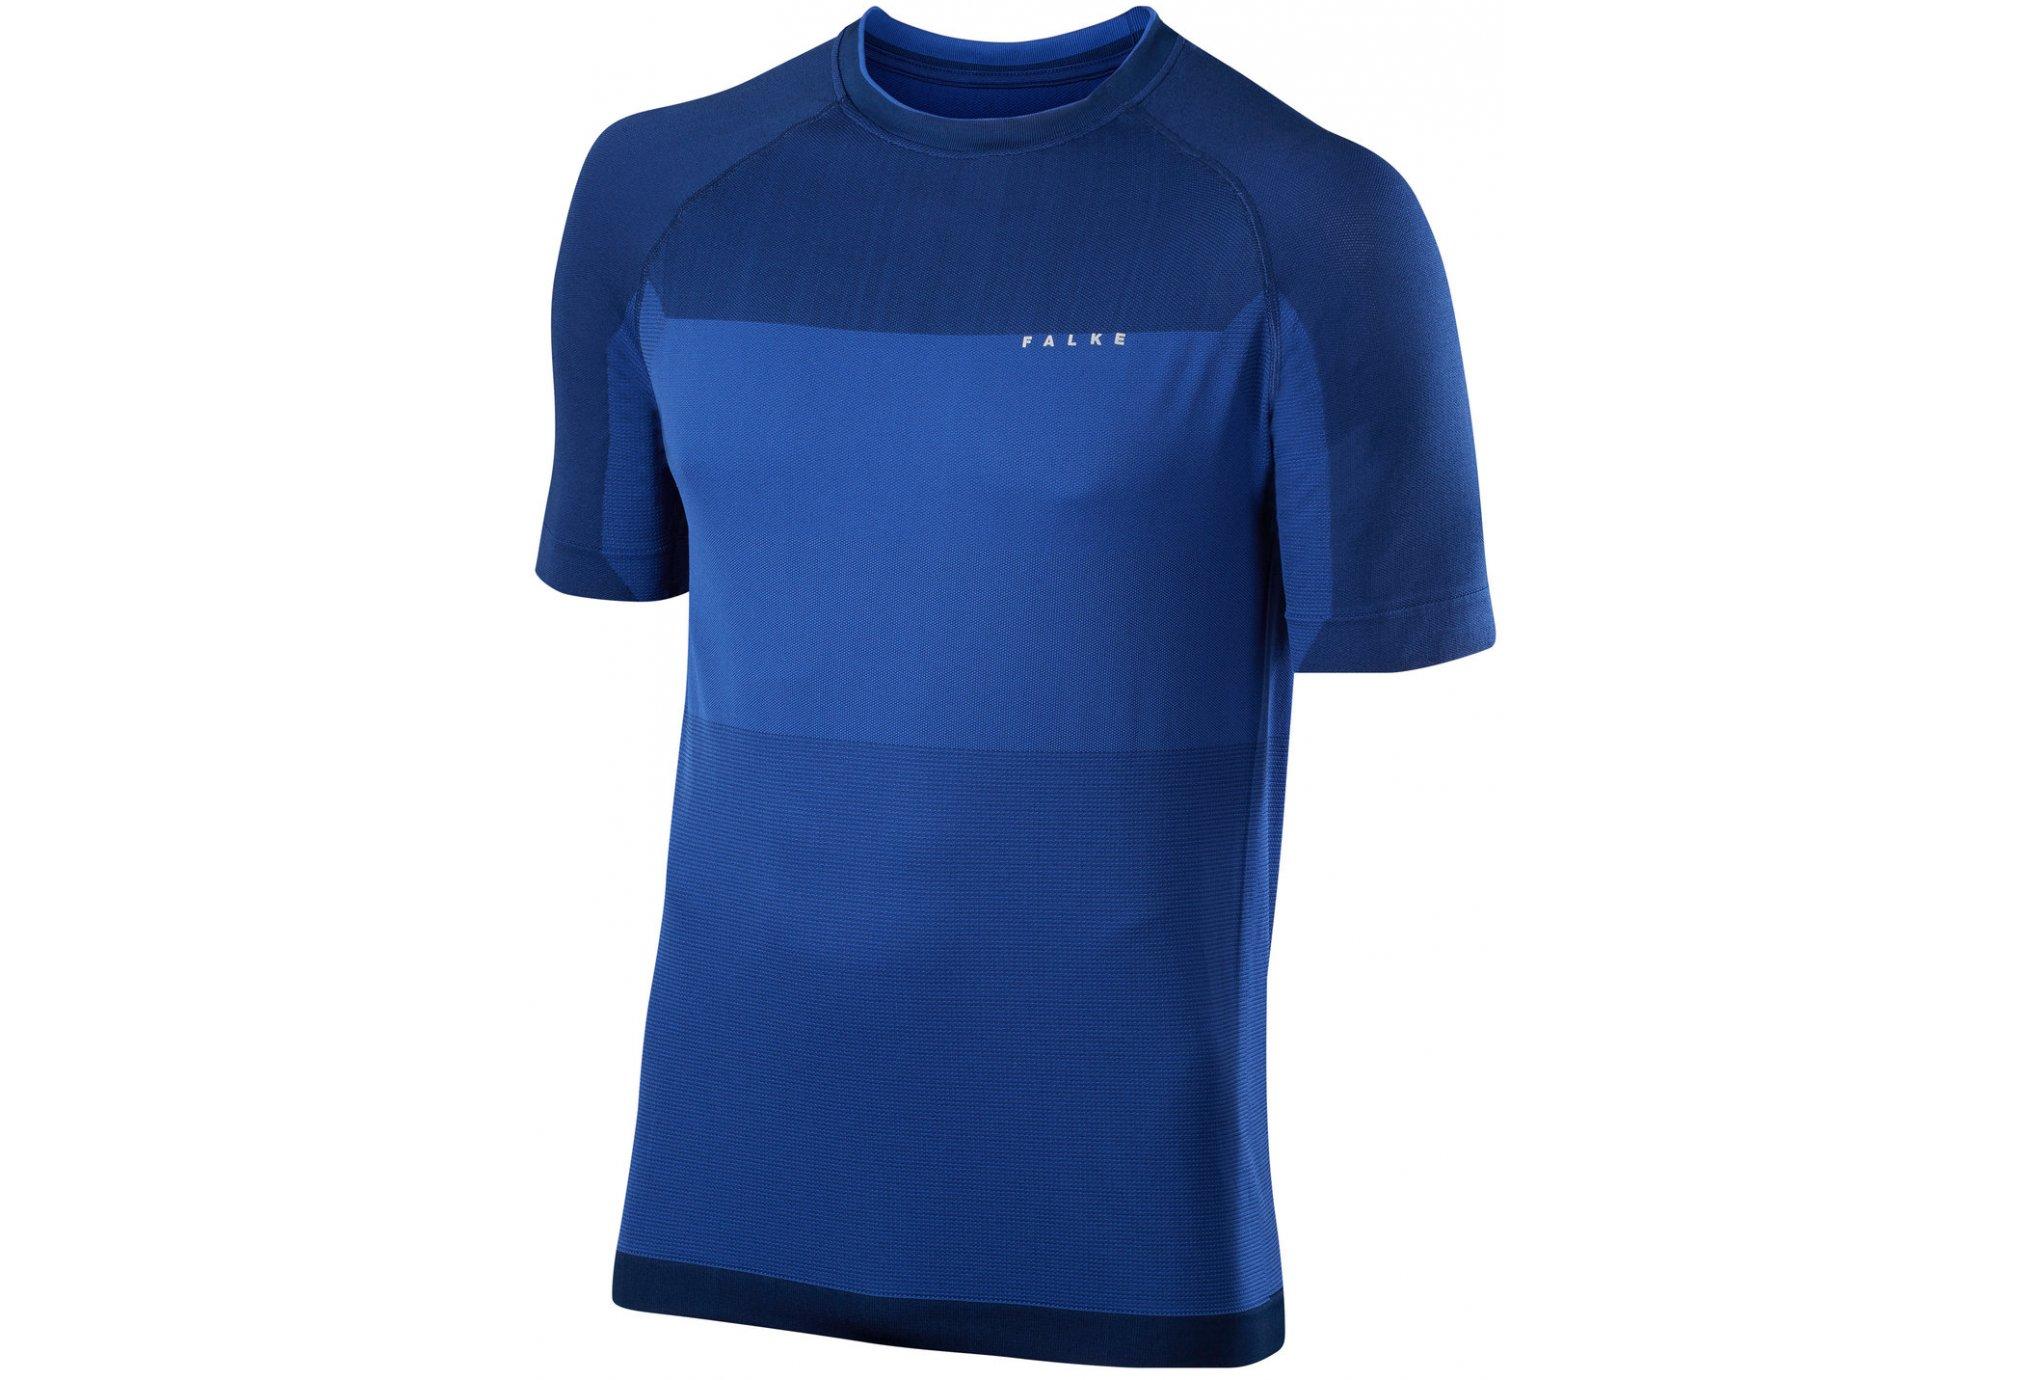 Falke Tee-shirt Running Comfort M Diététique Vêtements homme